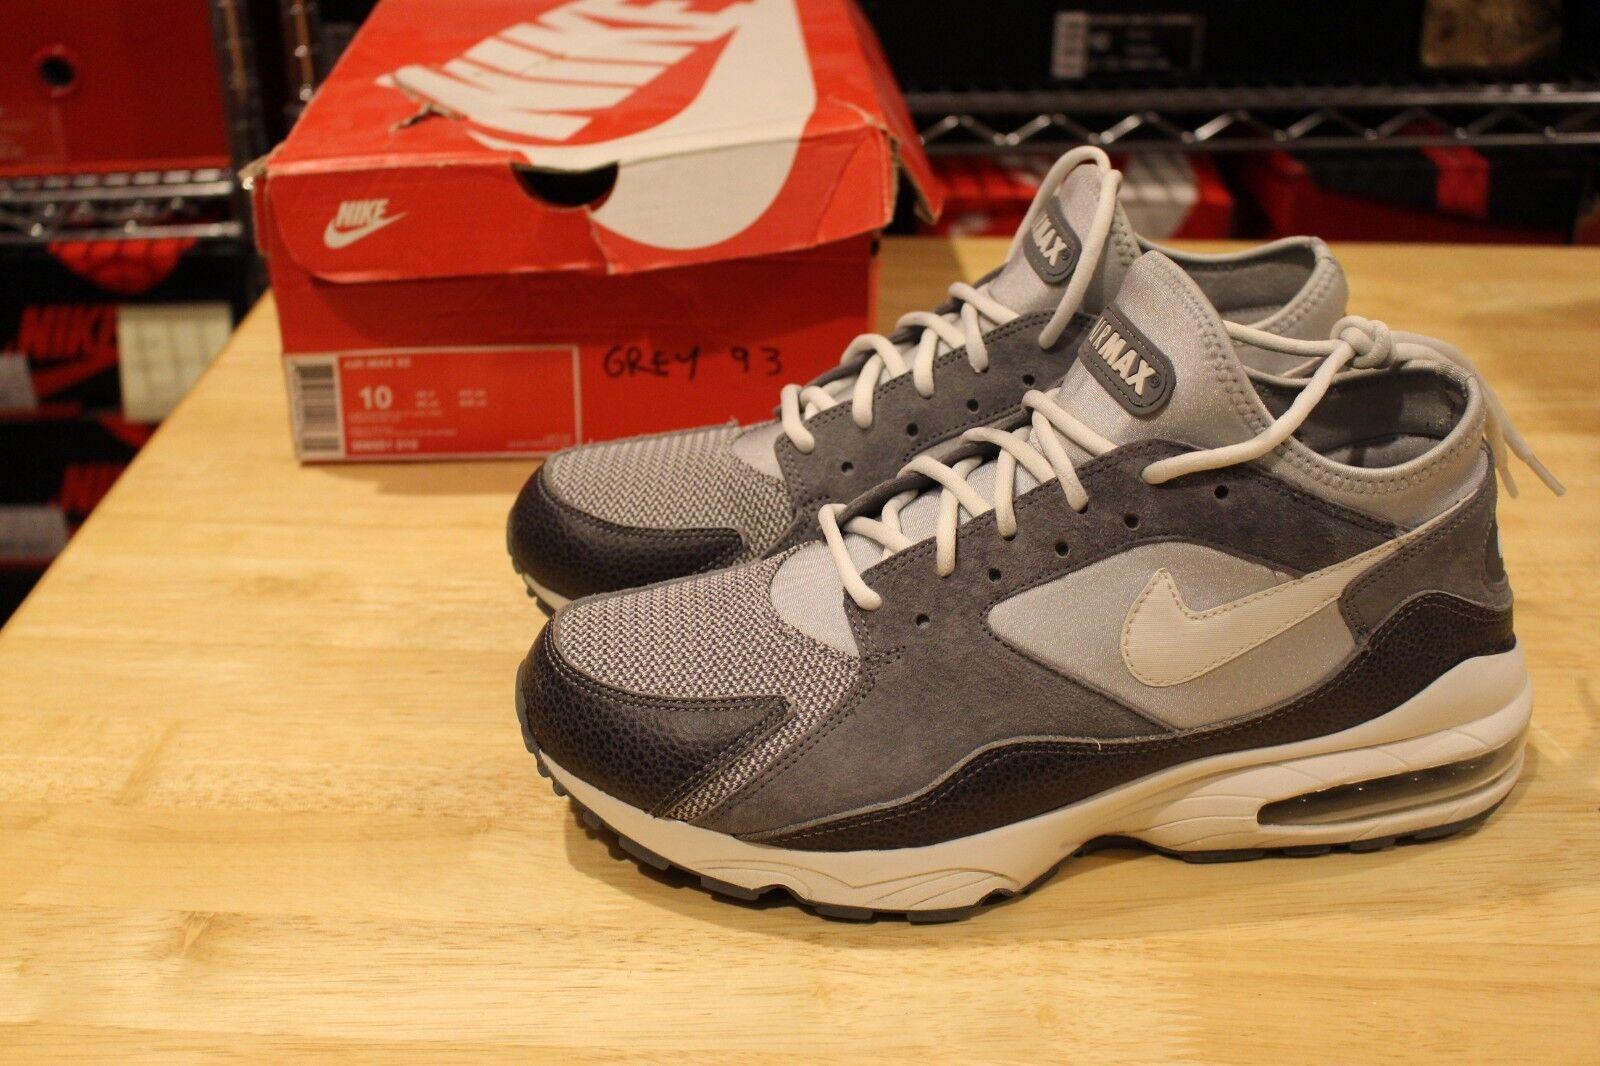 Nike Air Max 93 Metals Pack Pure Platinum Size 10 Powerwall Menthol Jordan Lot